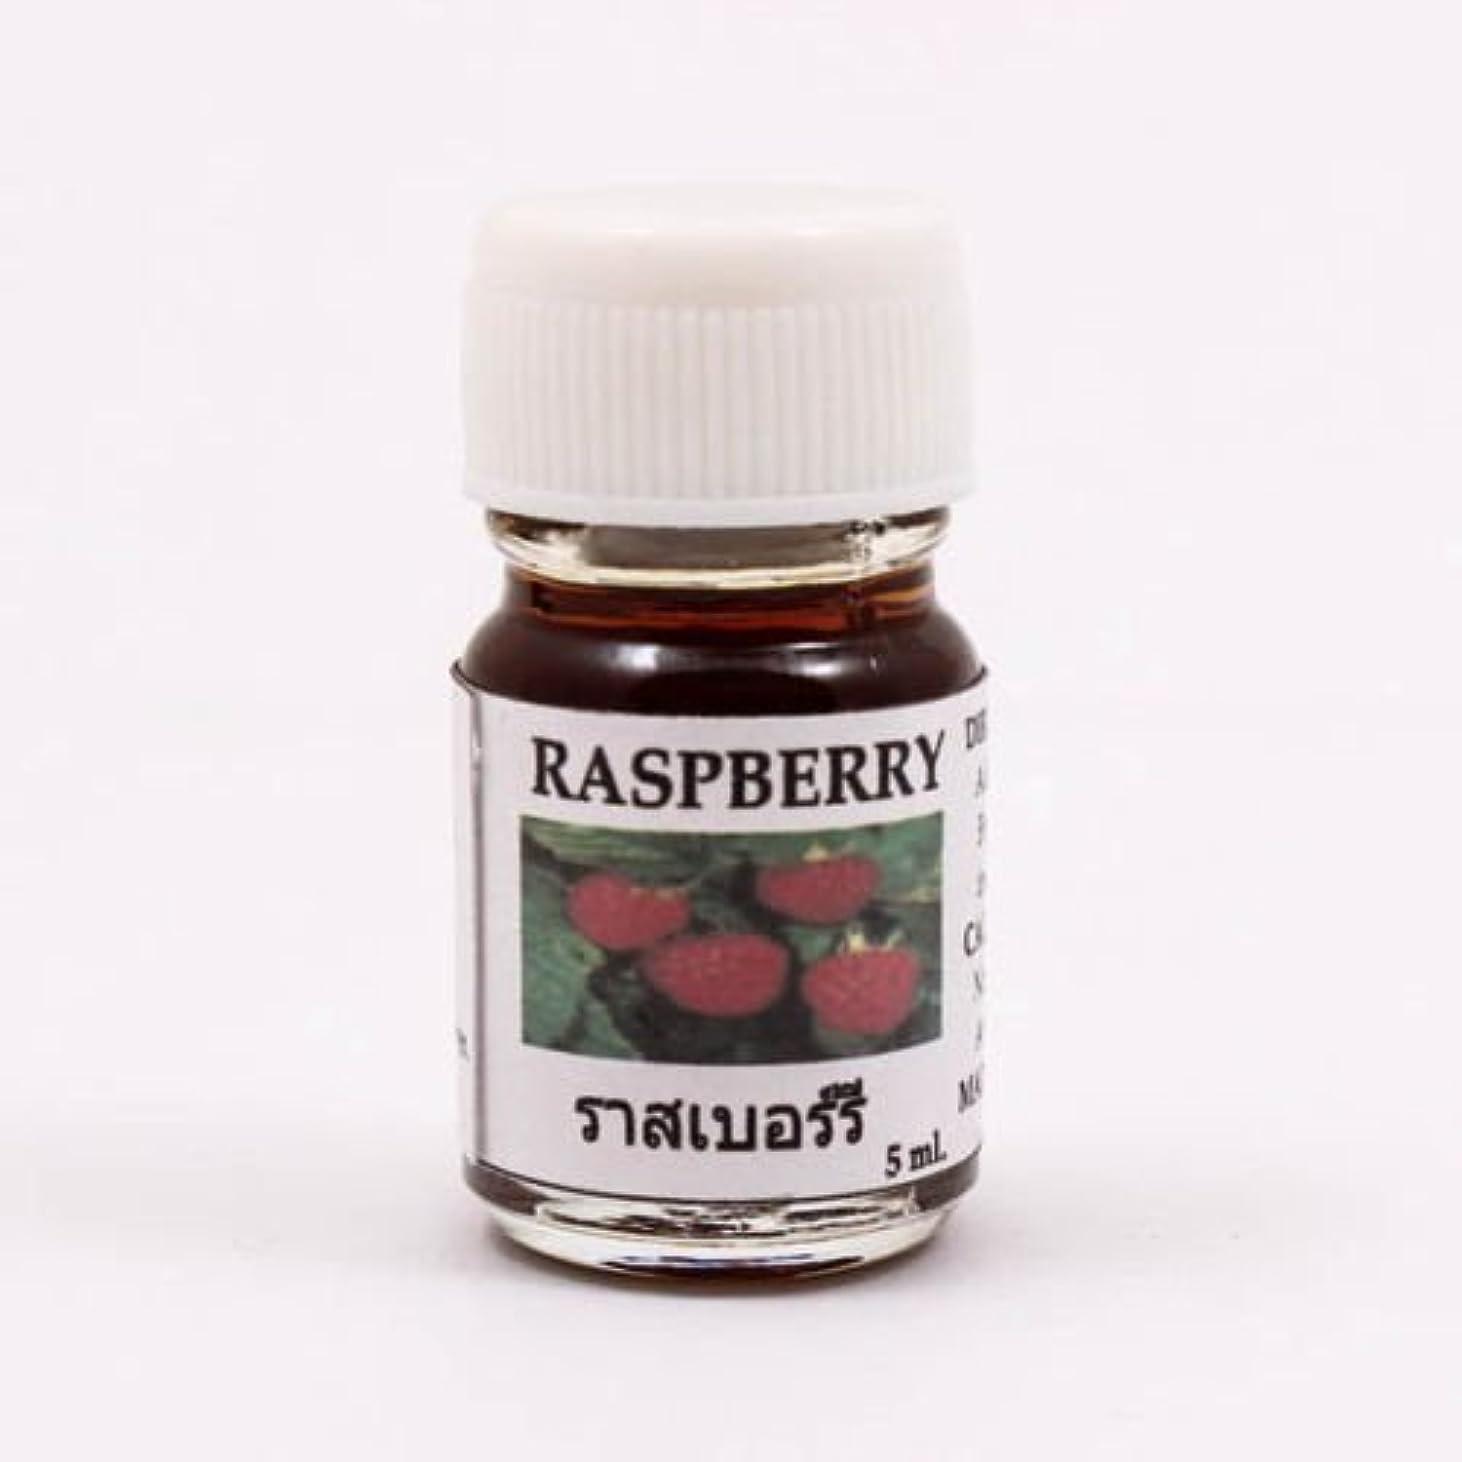 感謝する貨物あたたかい6X Raspberry Aroma Fragrance Essential Oil 5ML cc Diffuser Burner Therapy